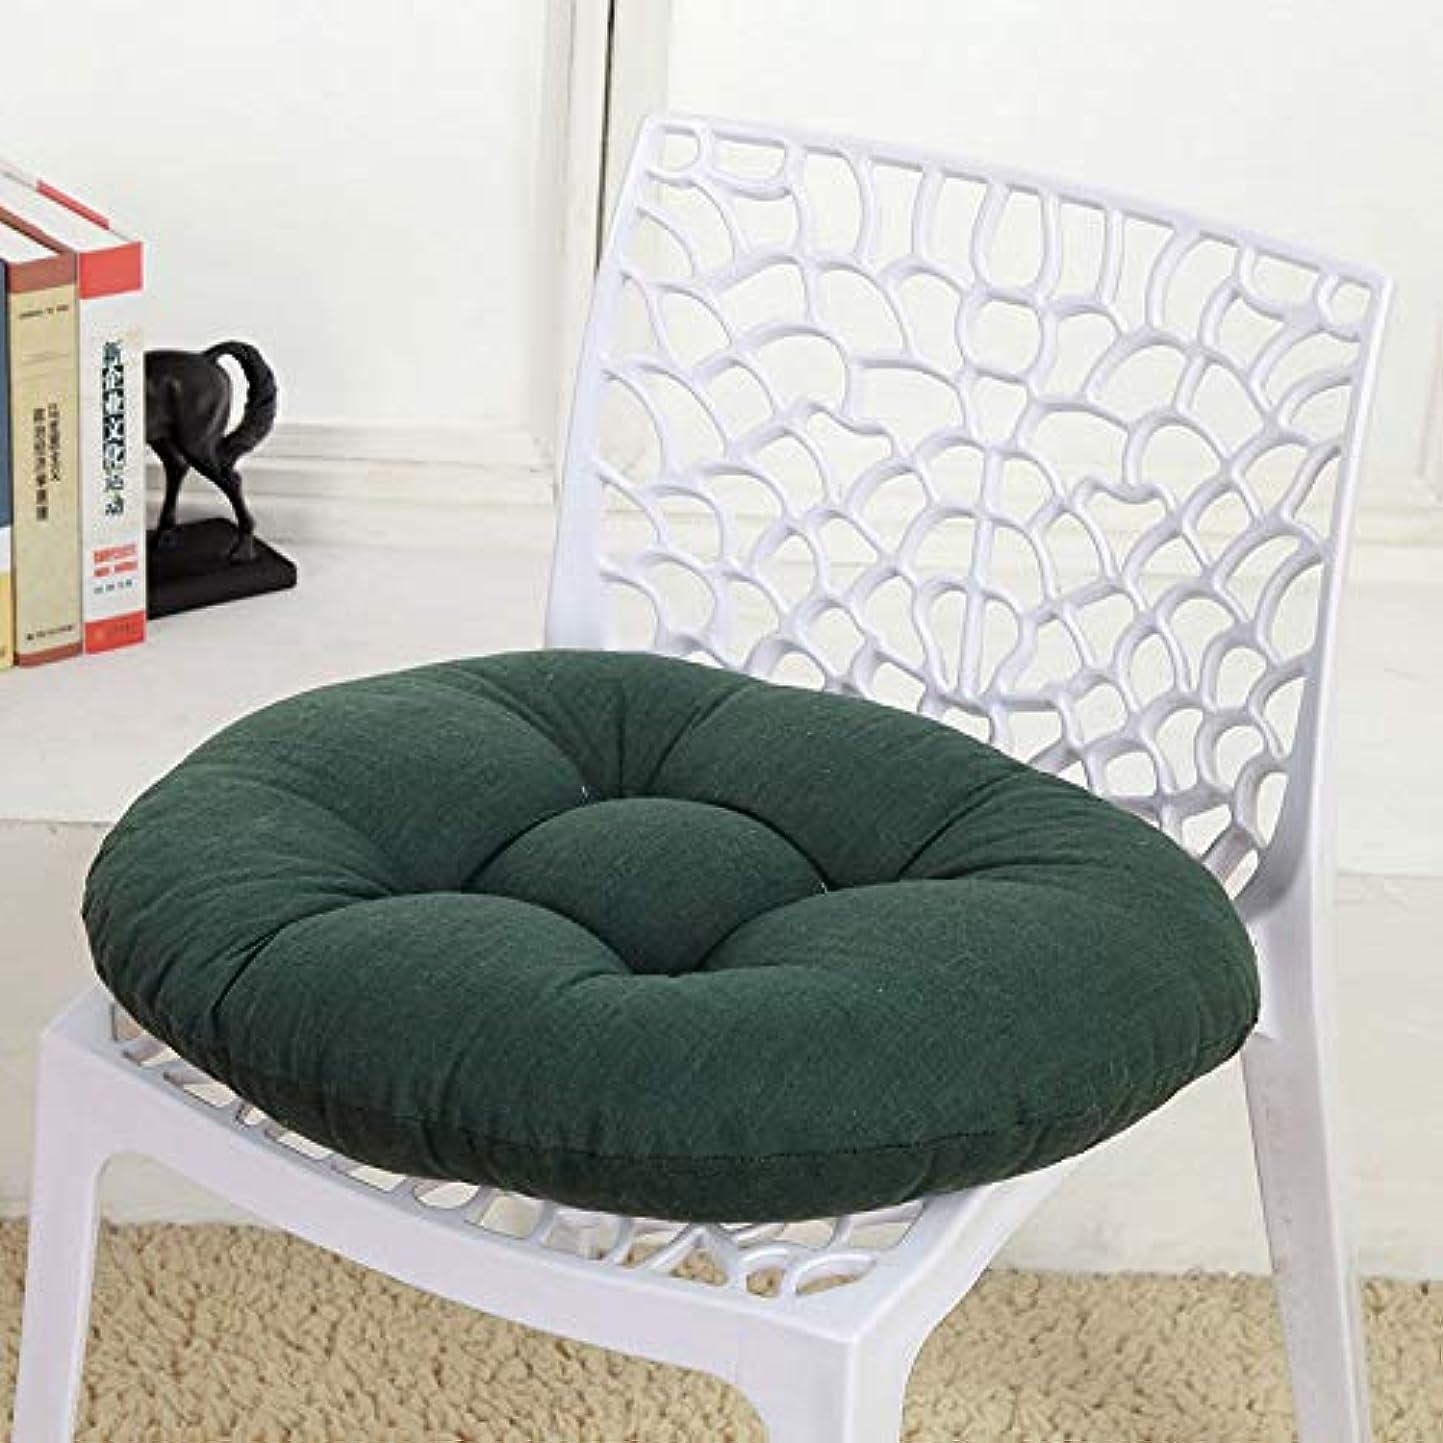 年次カイウスセメントSMART キャンディカラーのクッションラウンドシートクッション波ウィンドウシートクッションクッション家の装飾パッドラウンド枕シート枕椅子座る枕 クッション 椅子